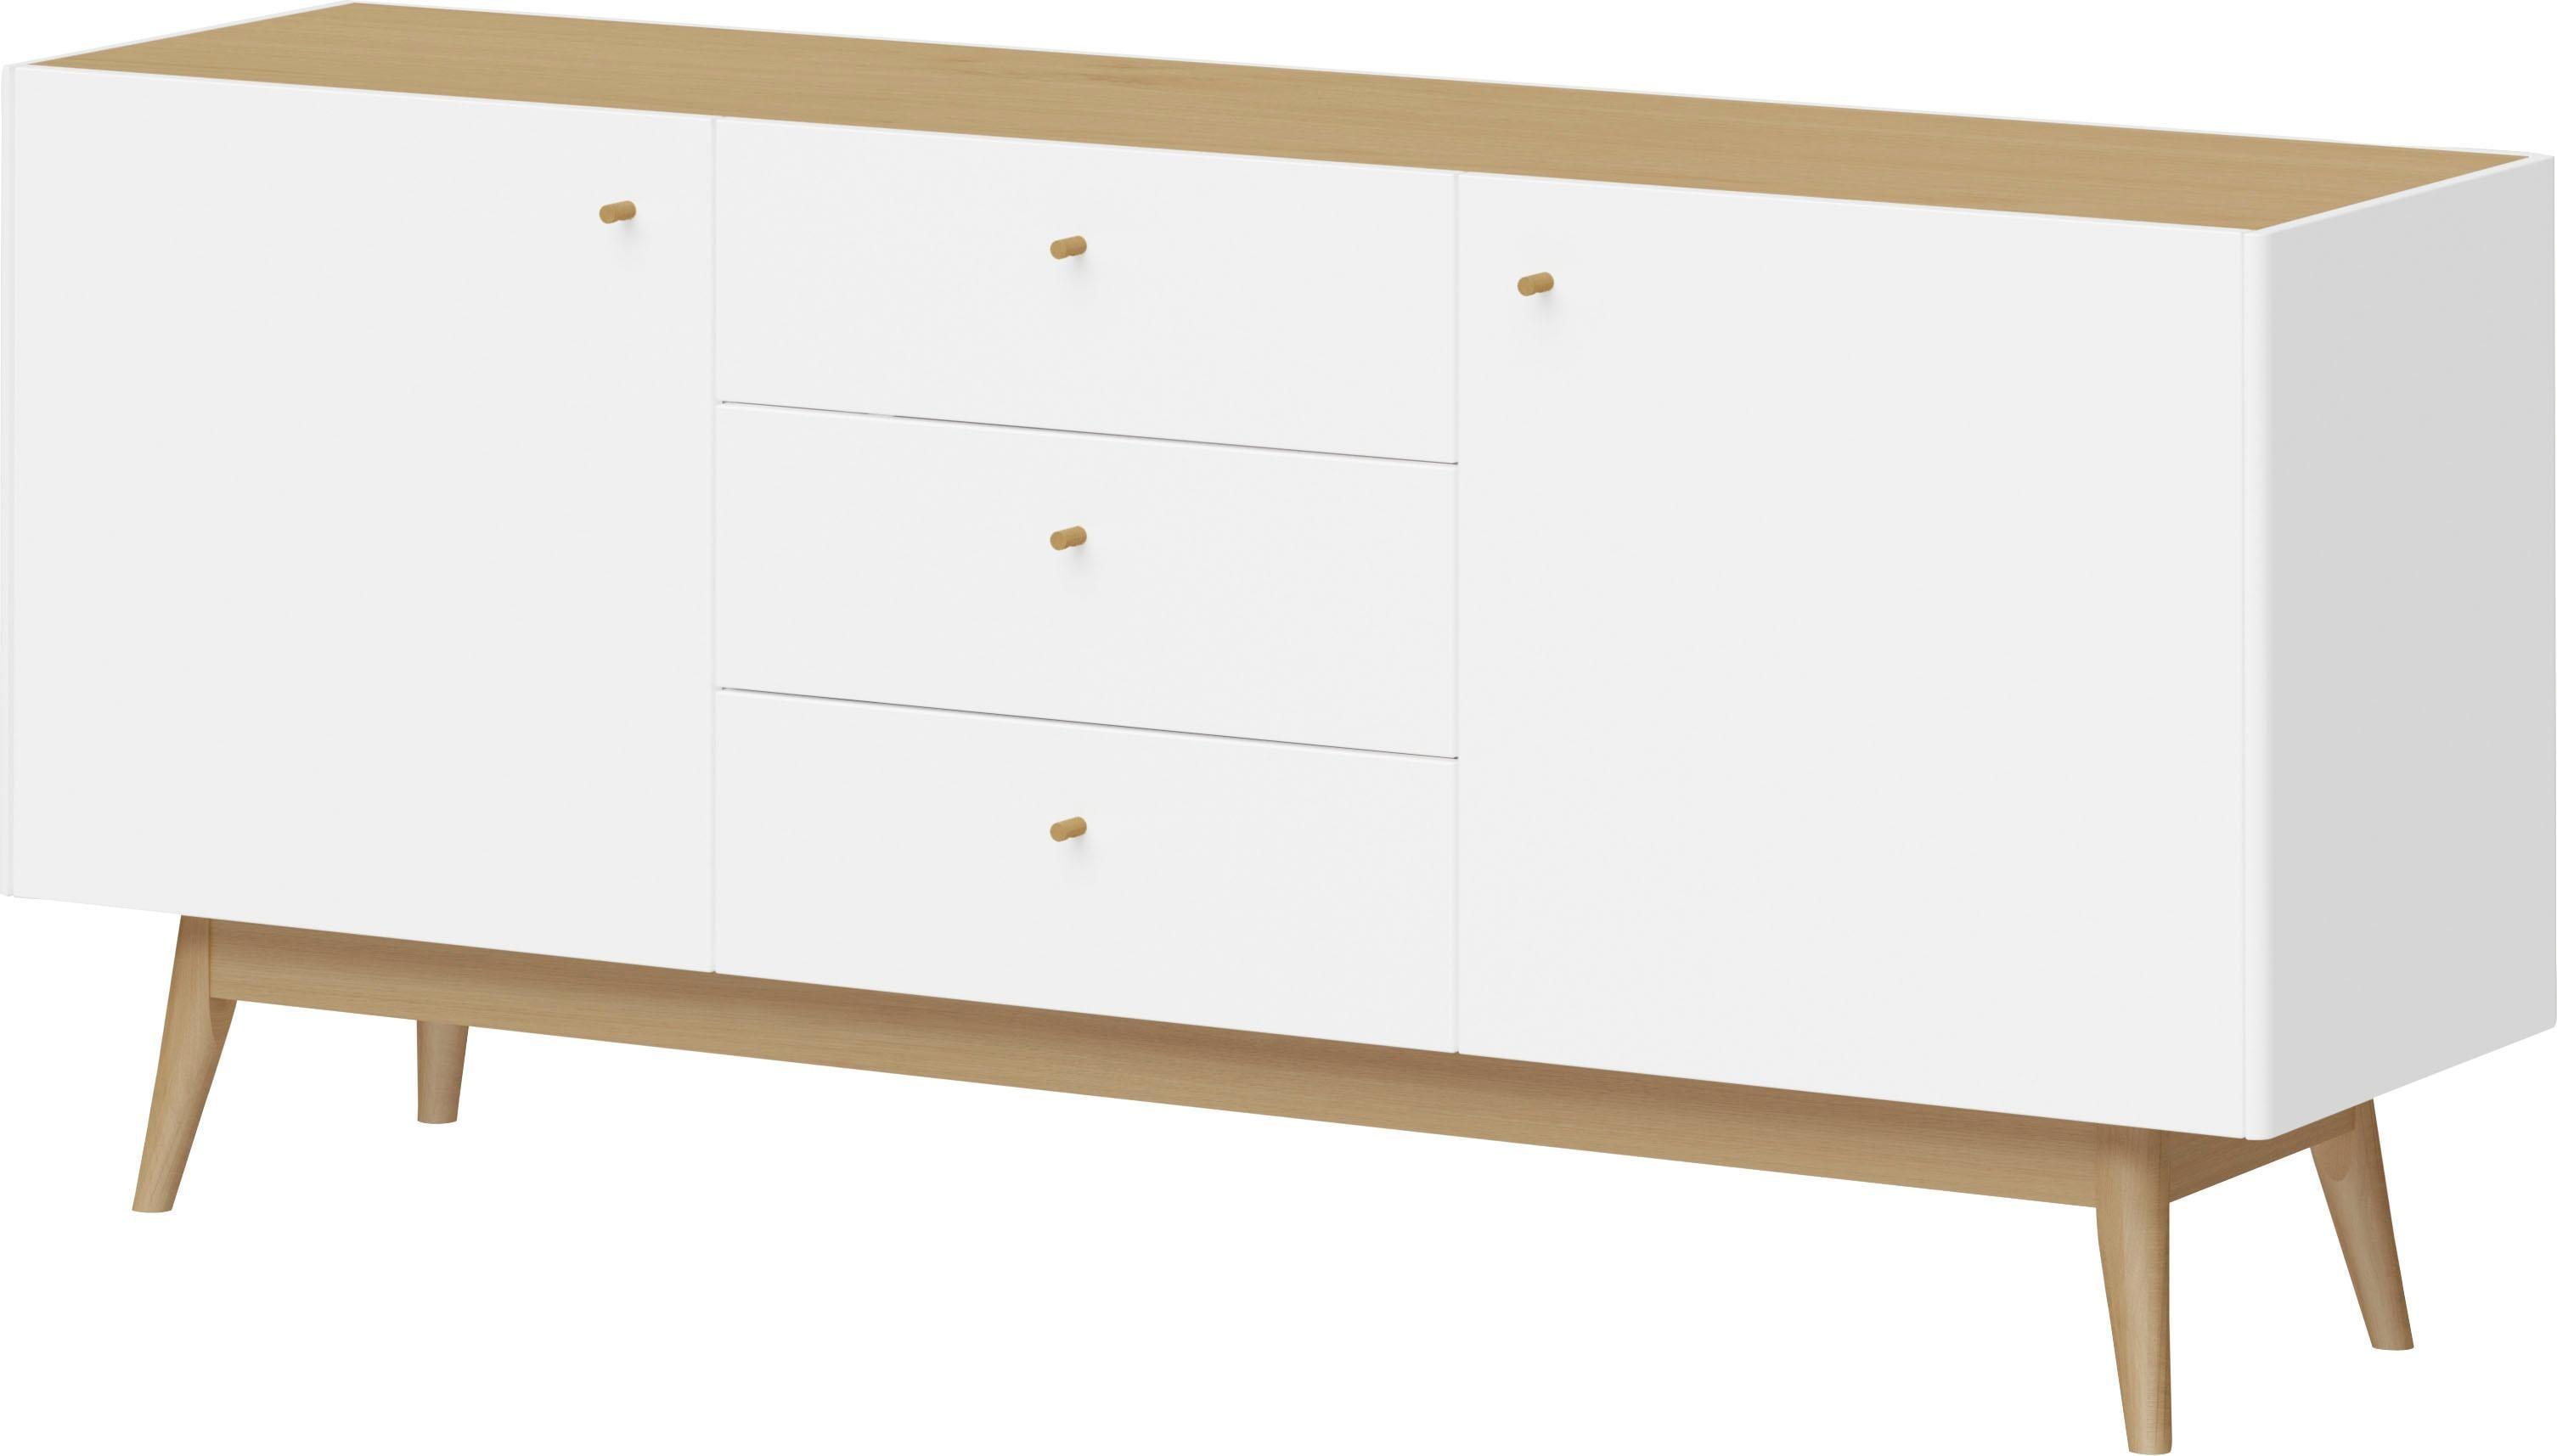 SCHÖNER WOHNEN-Kollektion Sideboard Monteo